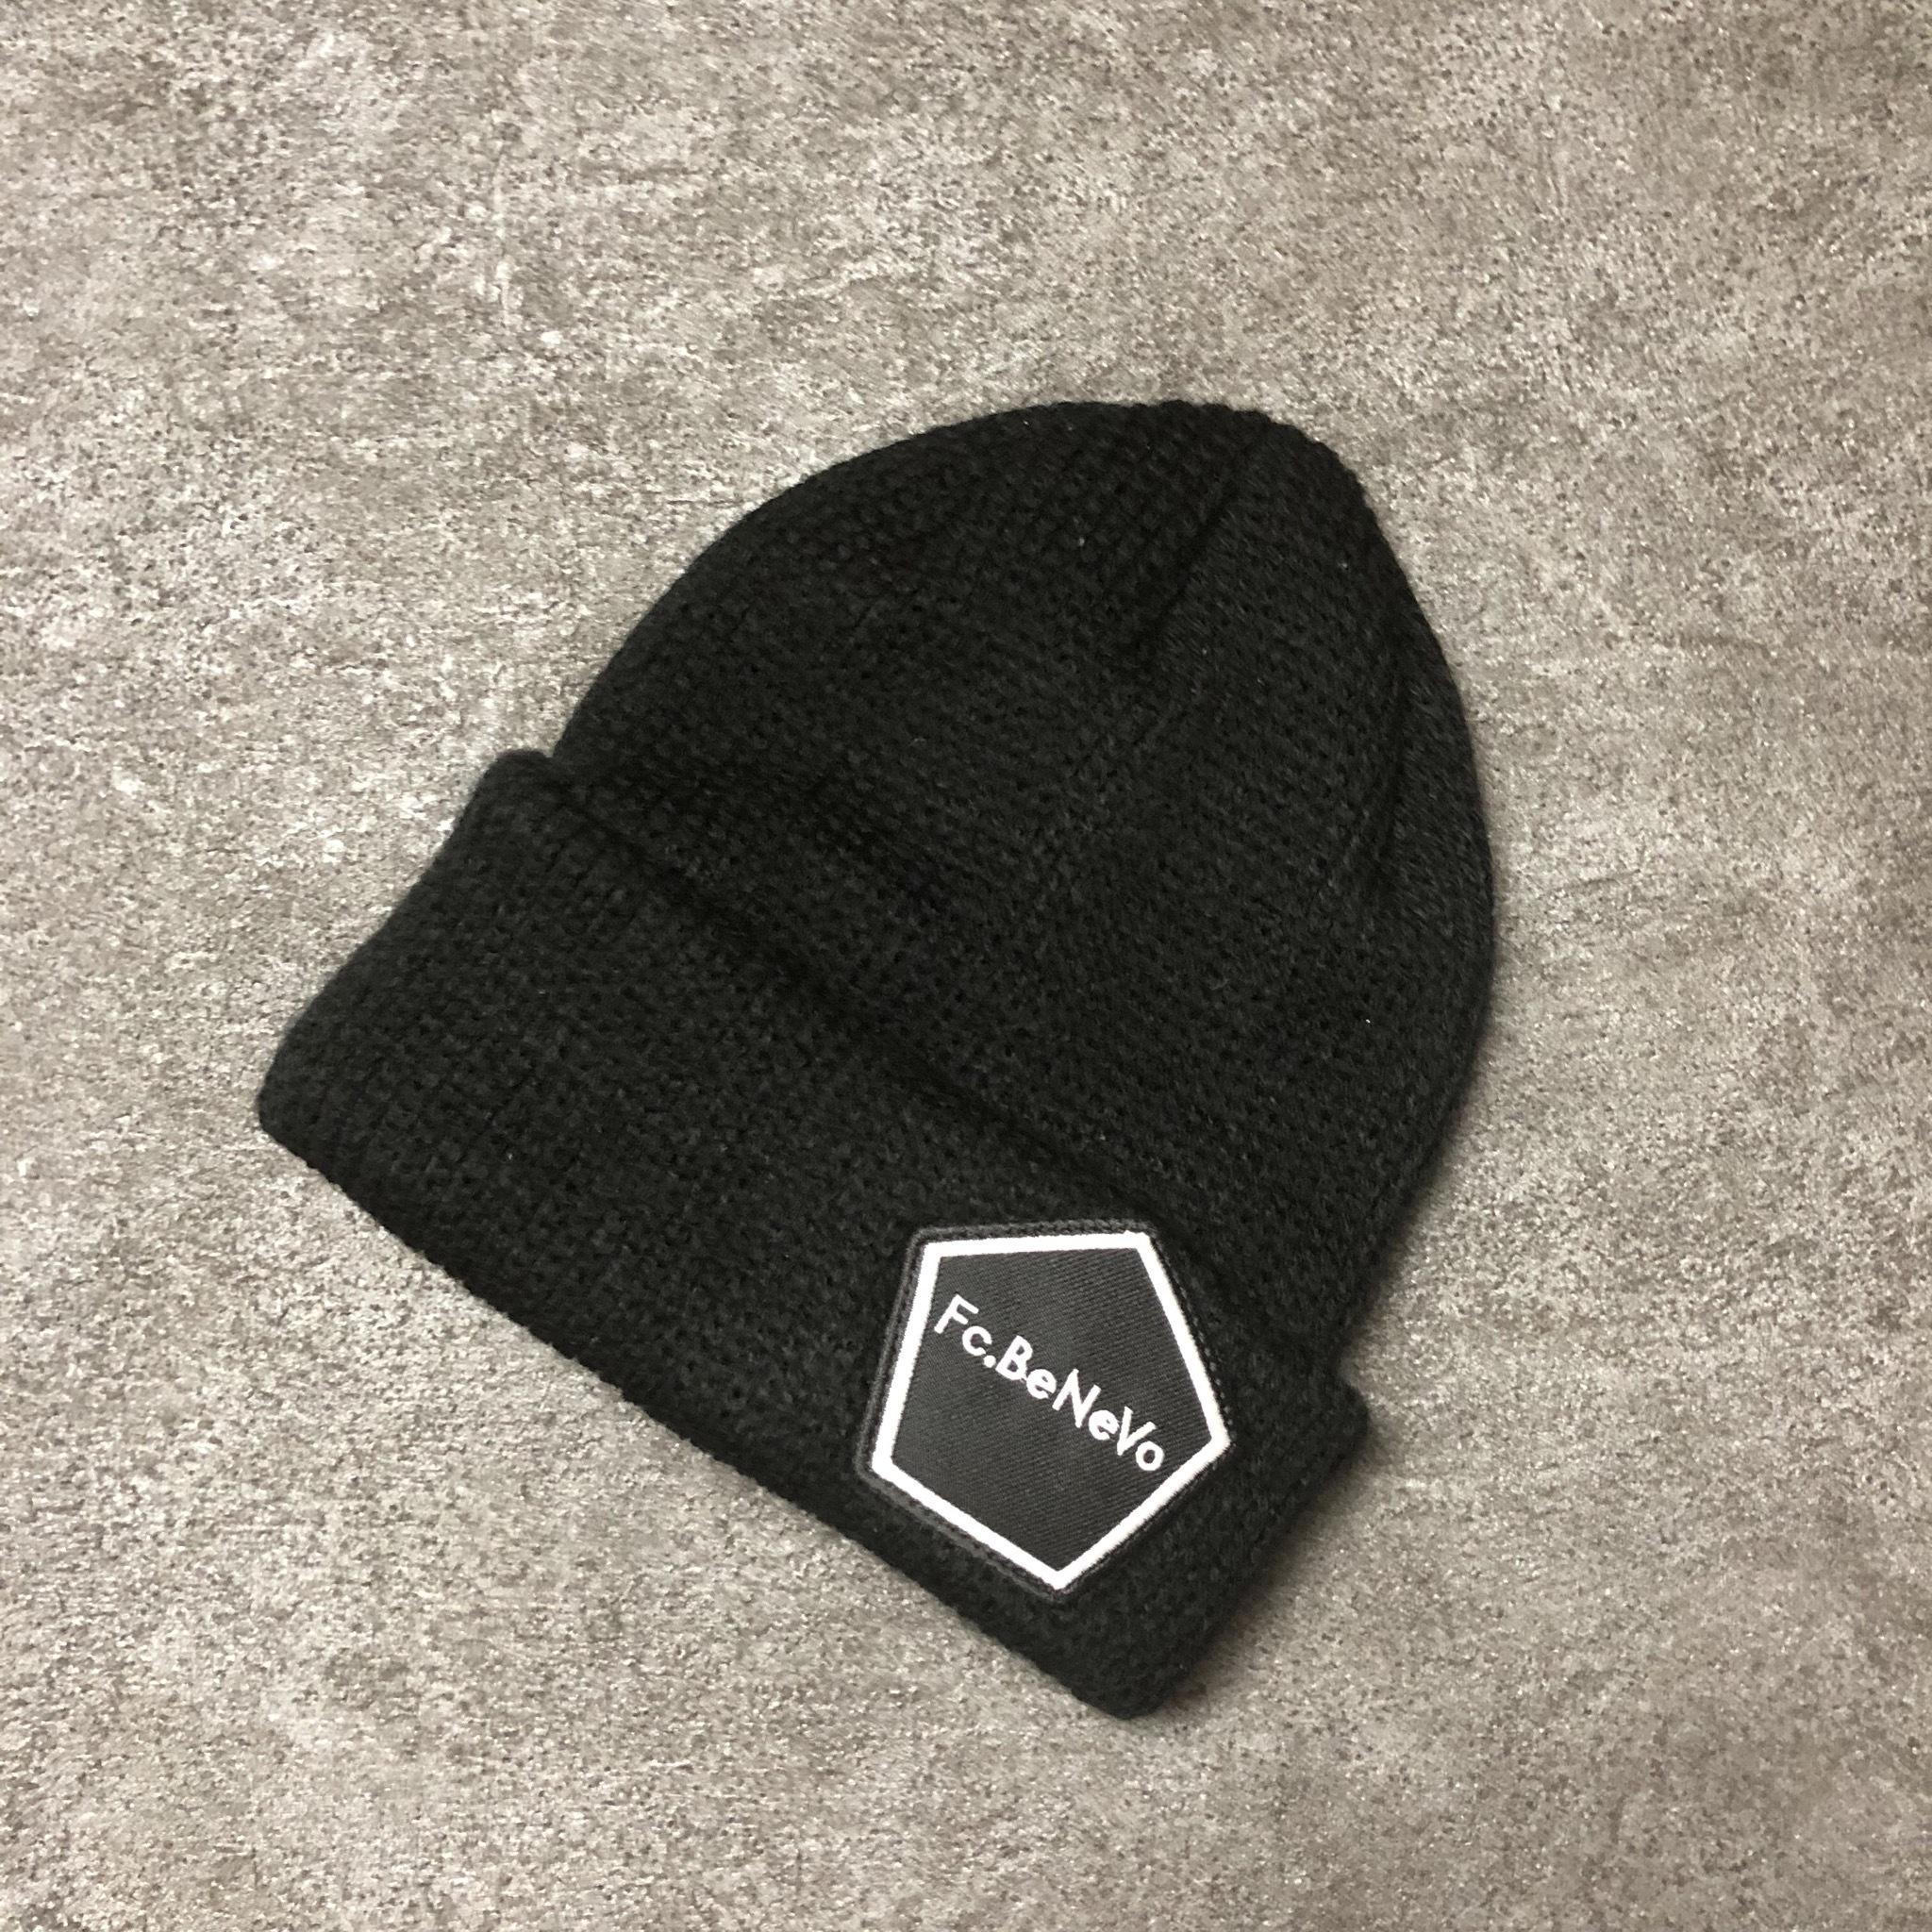 PENTAGON EMBLEM KNIT CAP (BLACK)